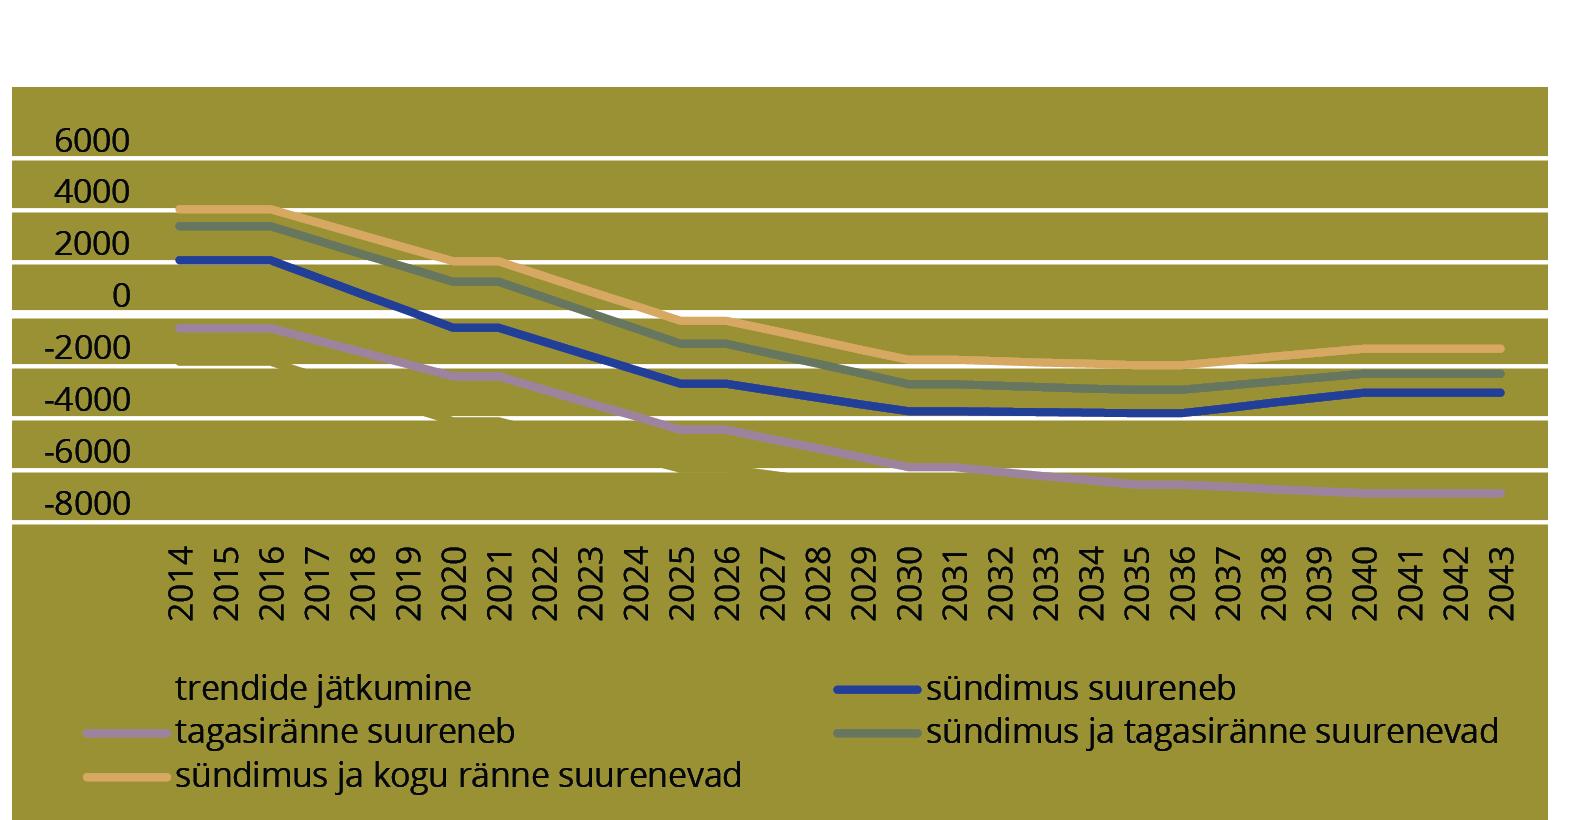 JOONIS 1. Eesti rahvaarvu iga-aastane muutus tuhandetes inimestes aastatel 2014–2043 viie erineva stsenaariumi korral. Allikas: Krusell et al (2015, 143)